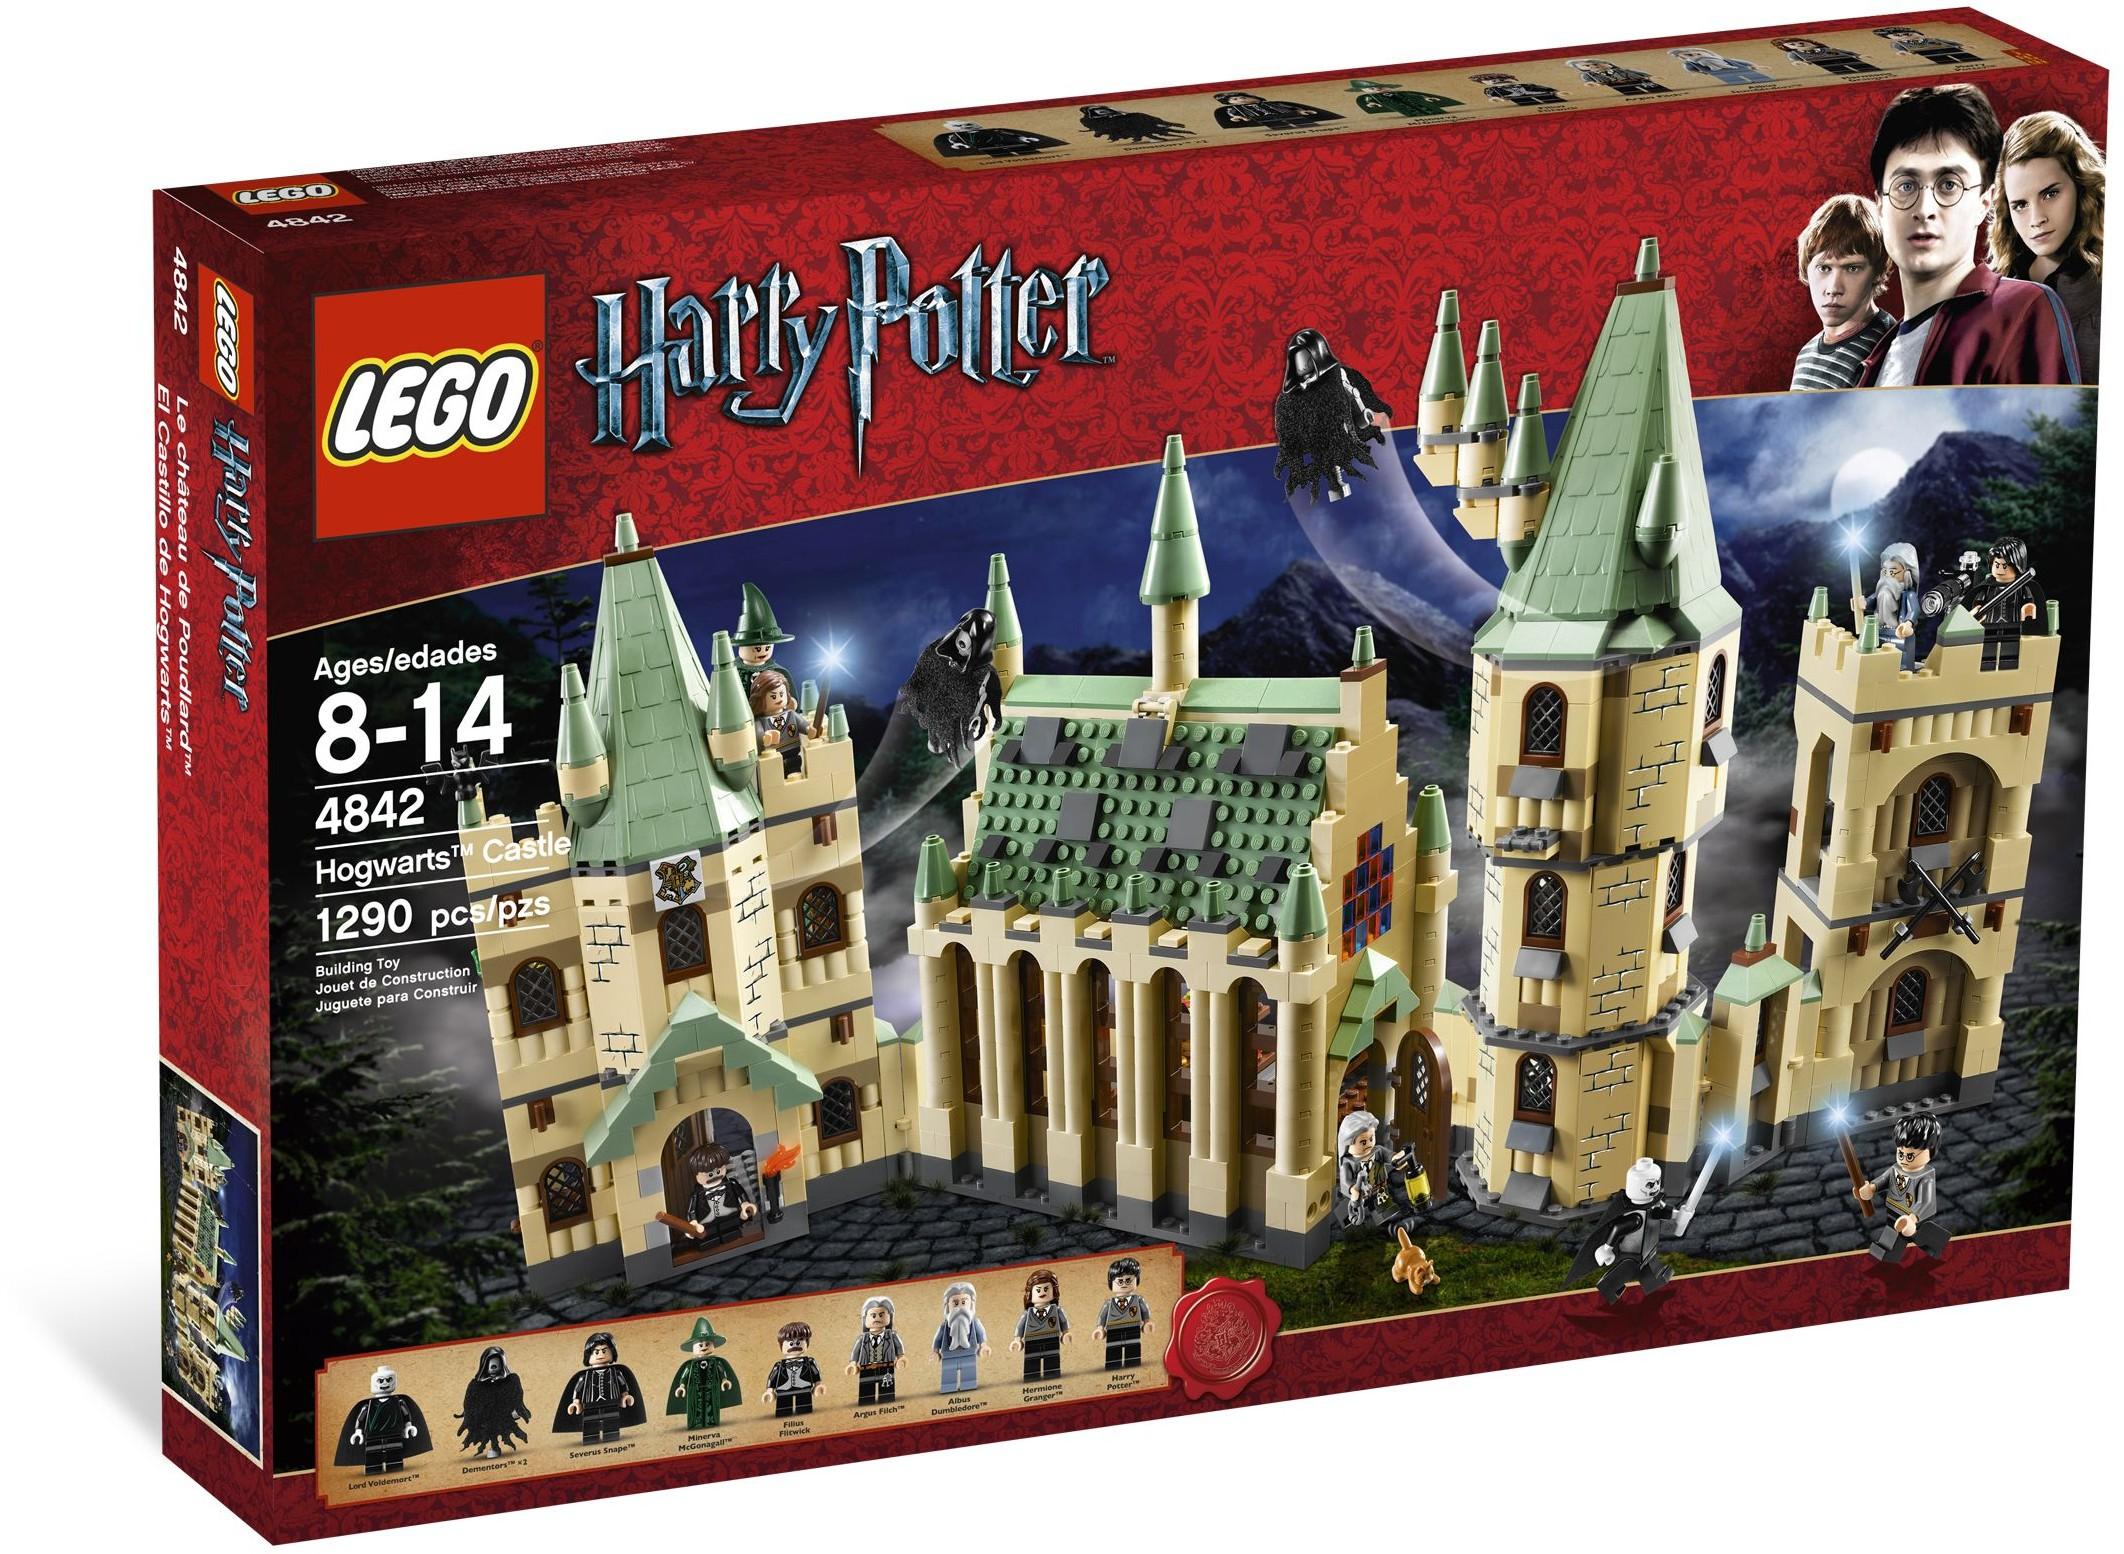 lego harry potter hogwarts castle d2c set in 2018 the brick fan. Black Bedroom Furniture Sets. Home Design Ideas